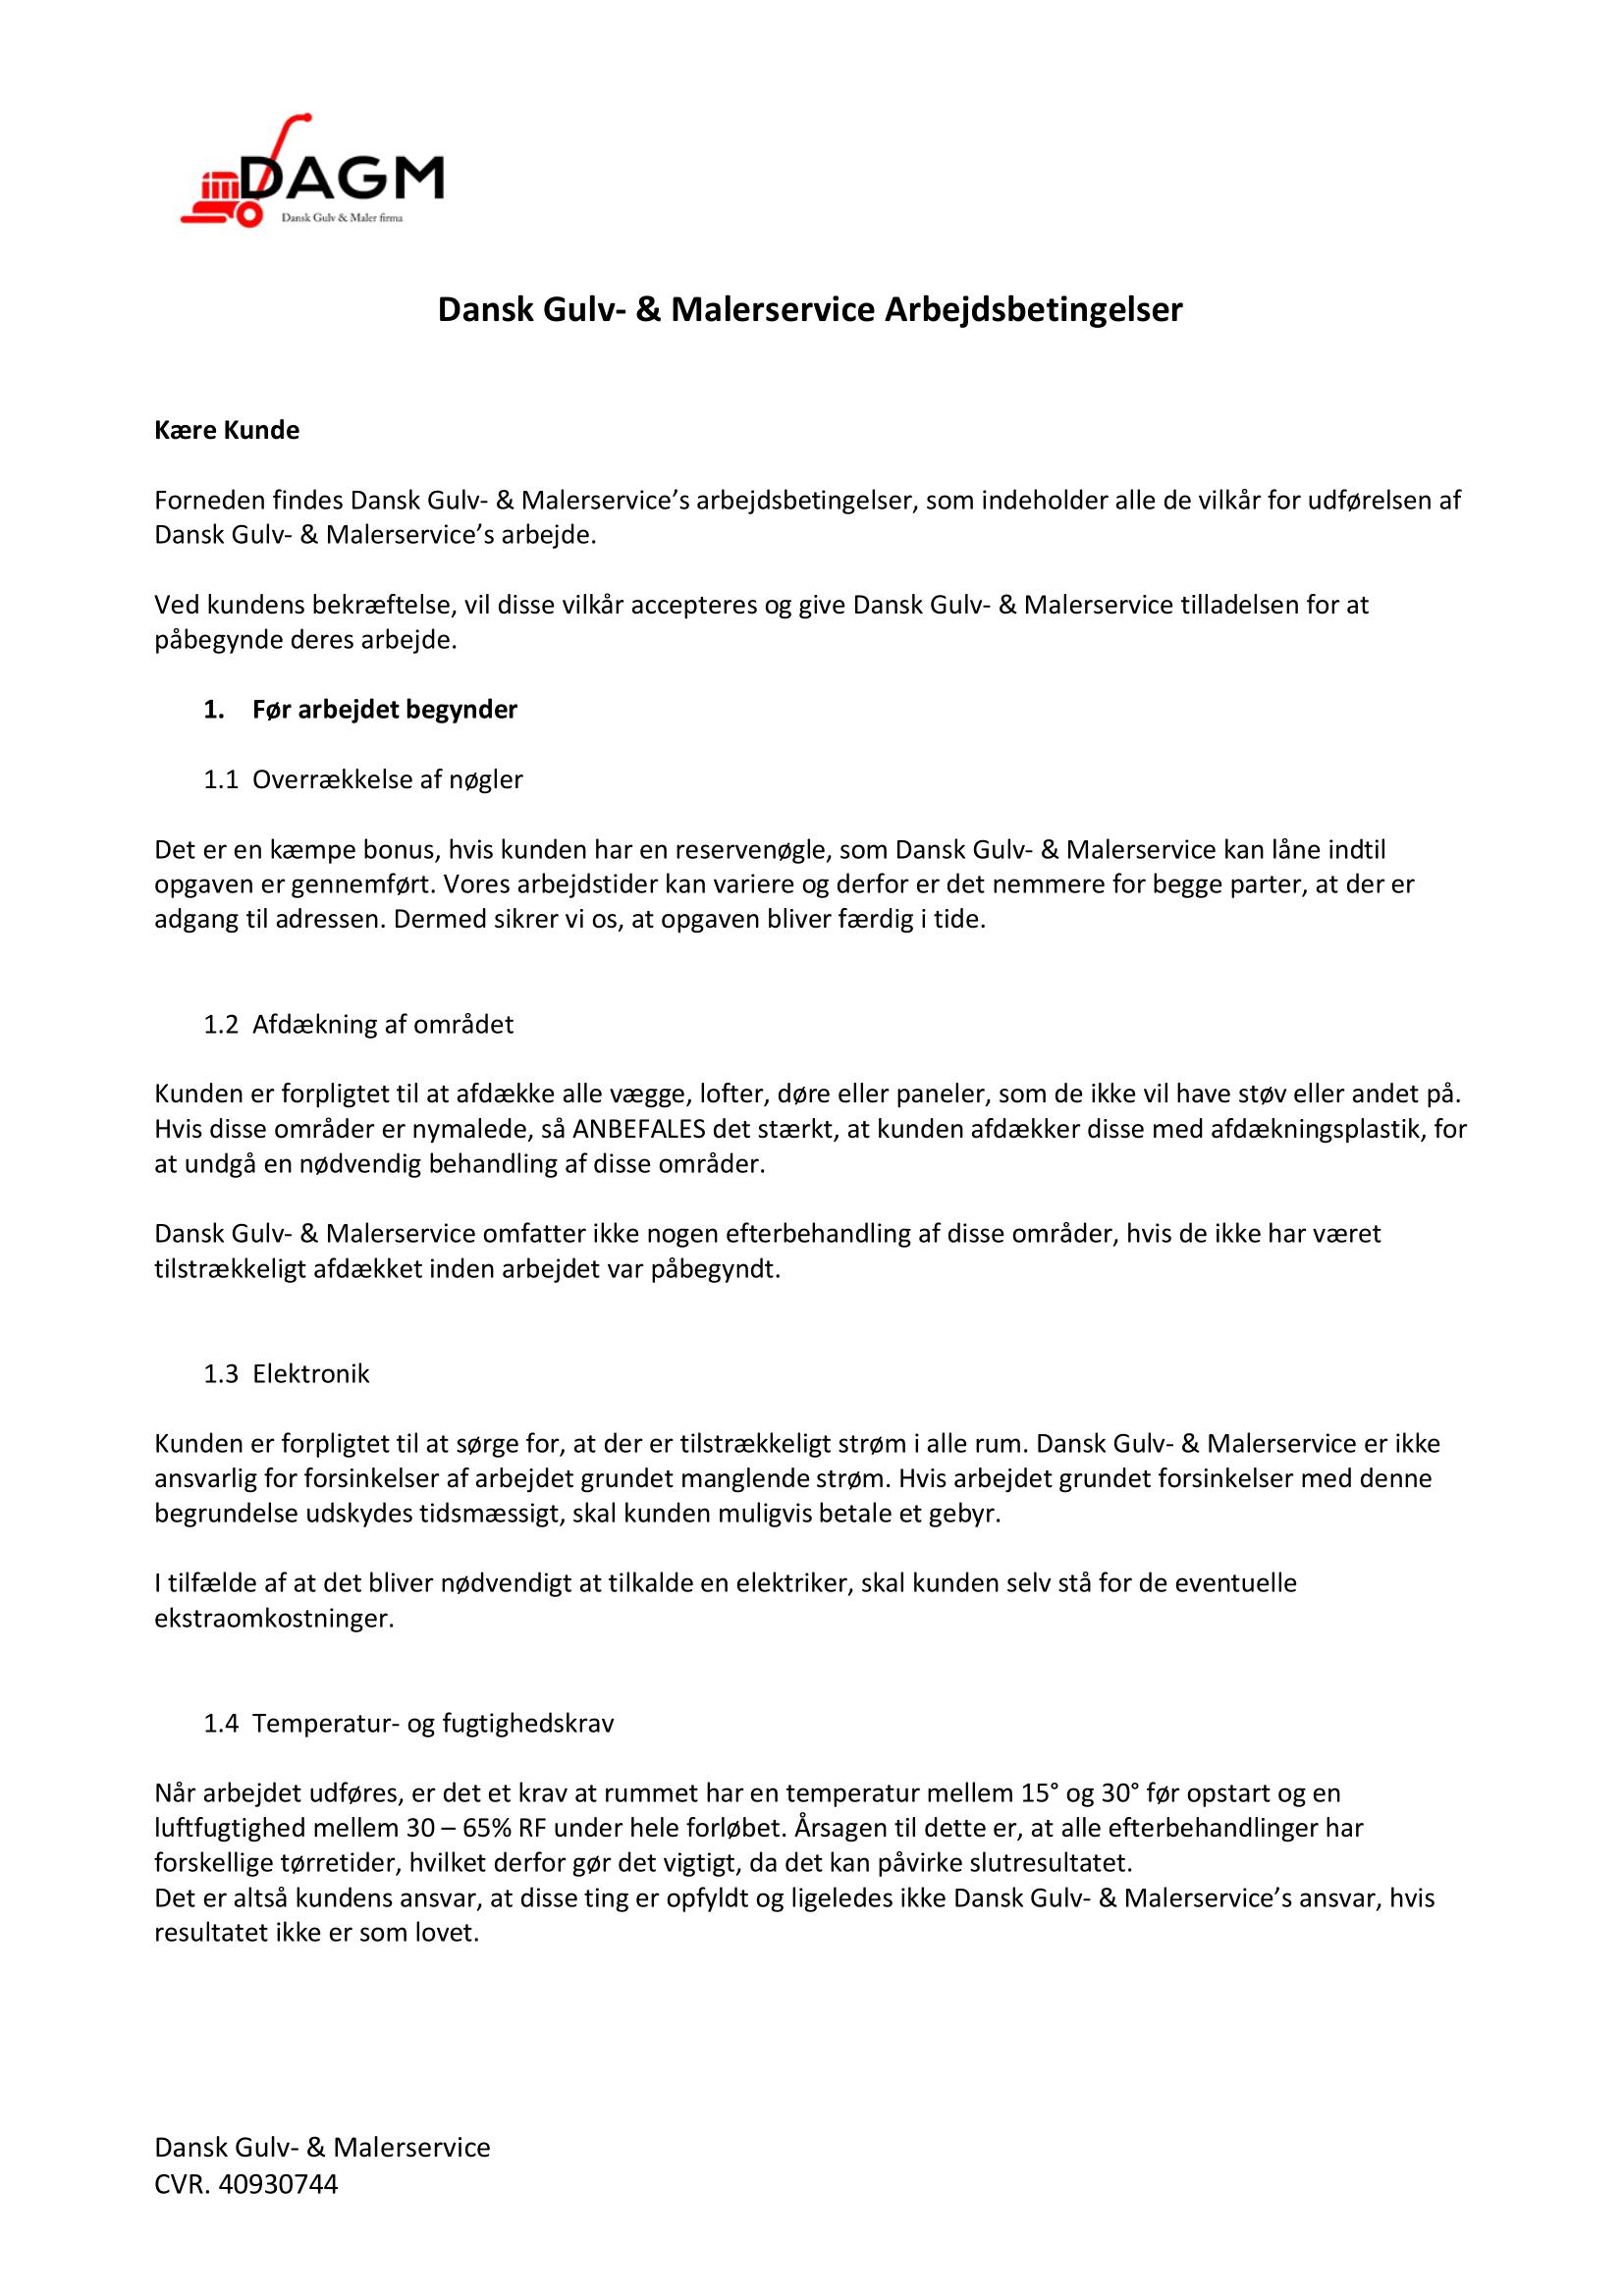 Arbejdsbetingelser-1.png